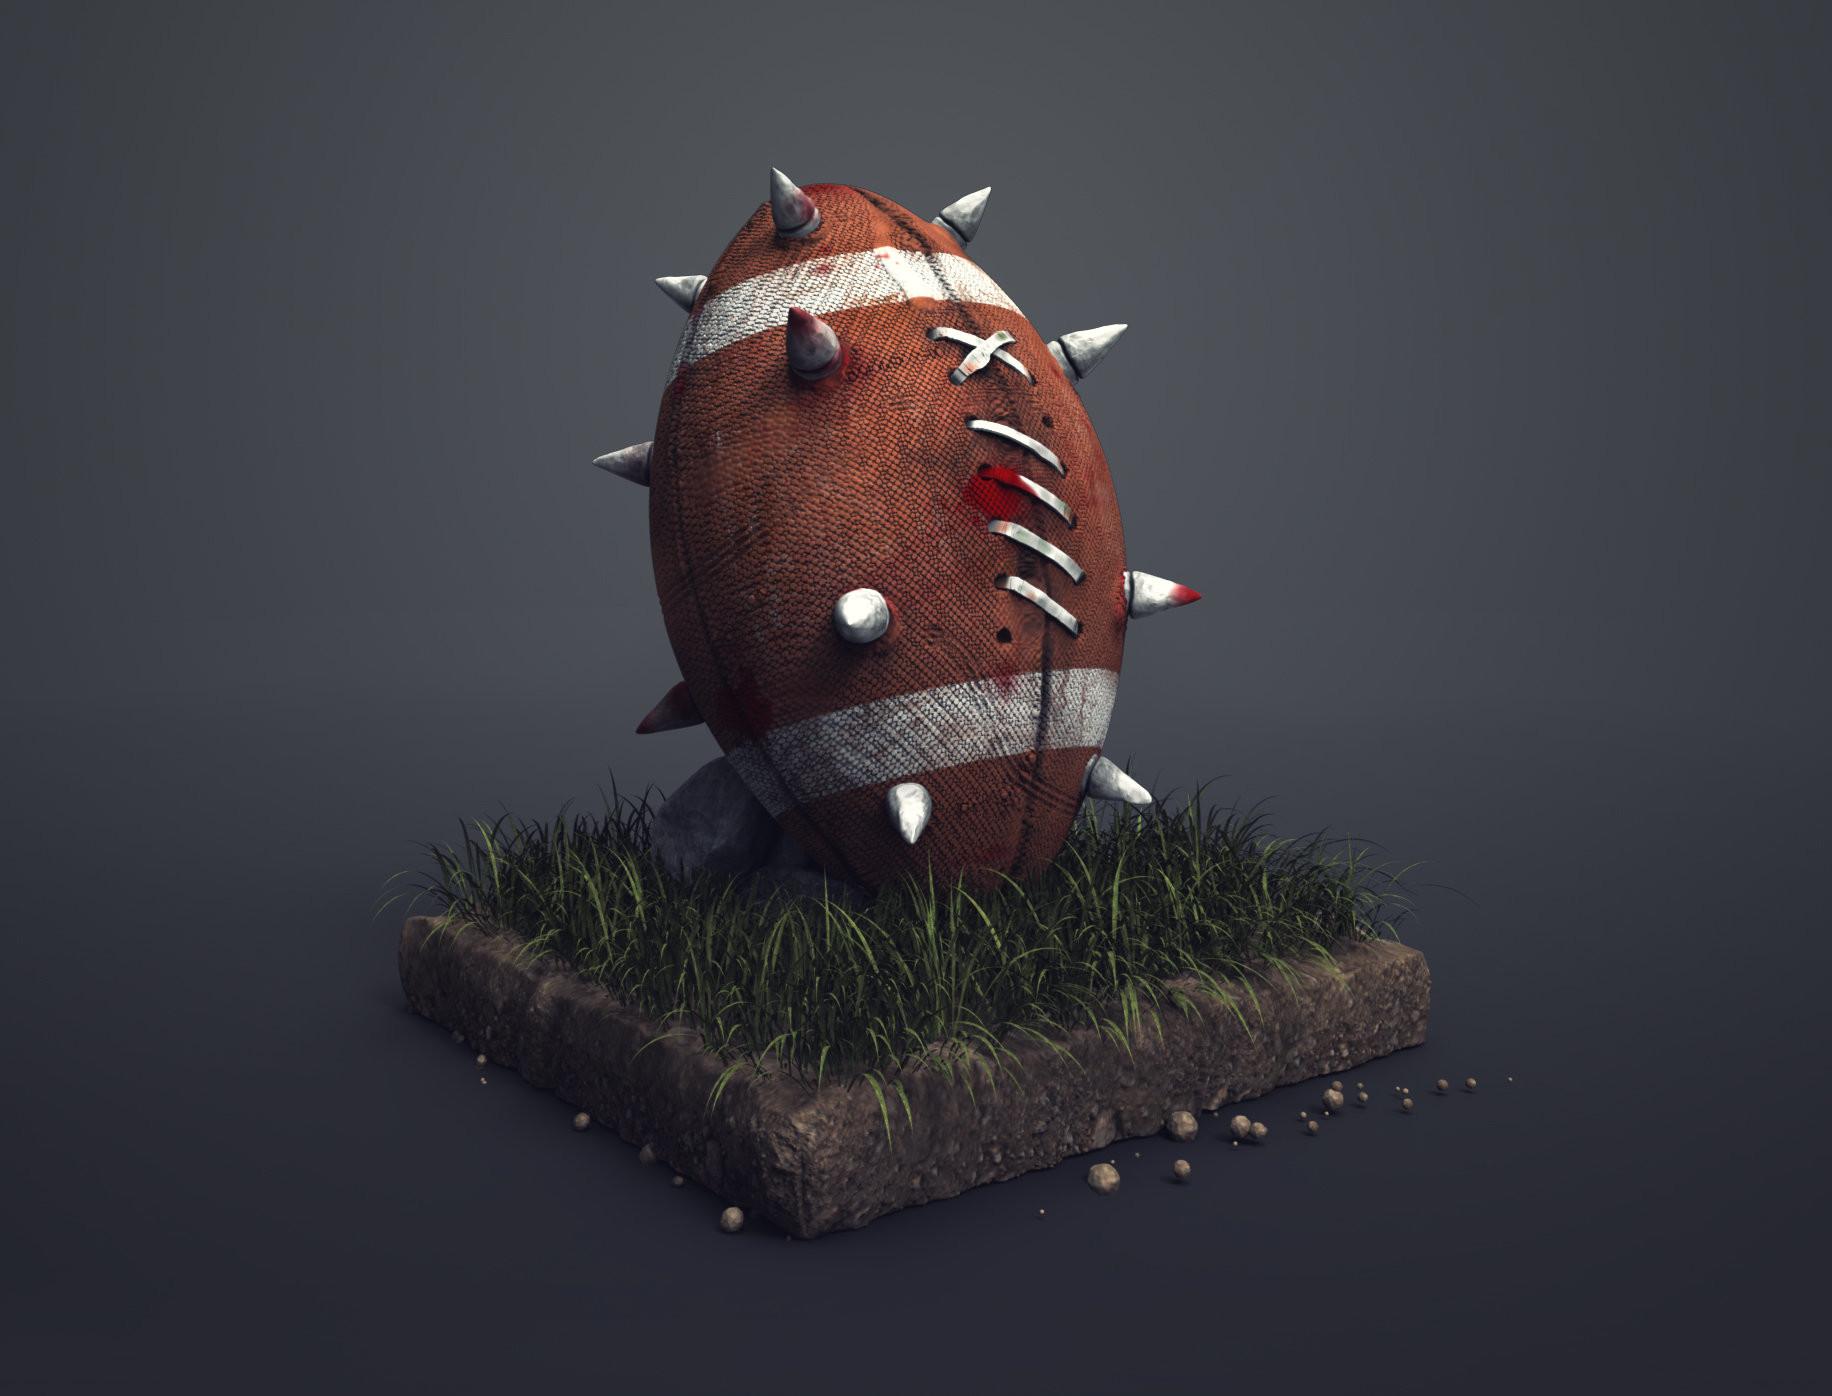 Ry cloze ry cloze normalball